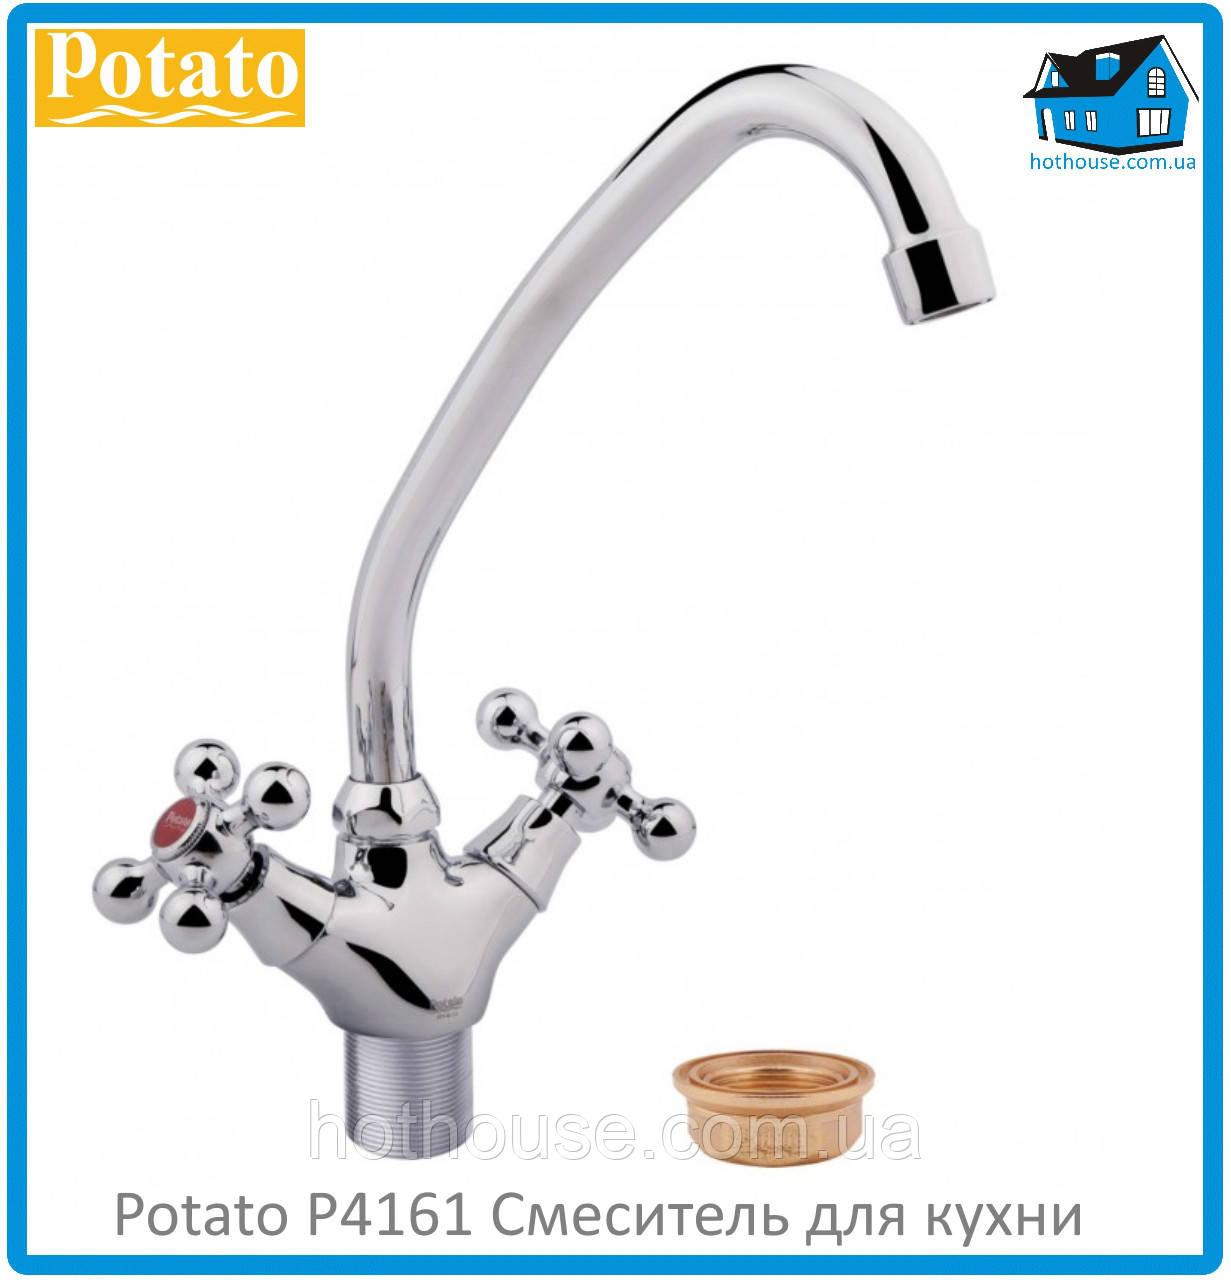 Смеситель для кухни Potato P4161